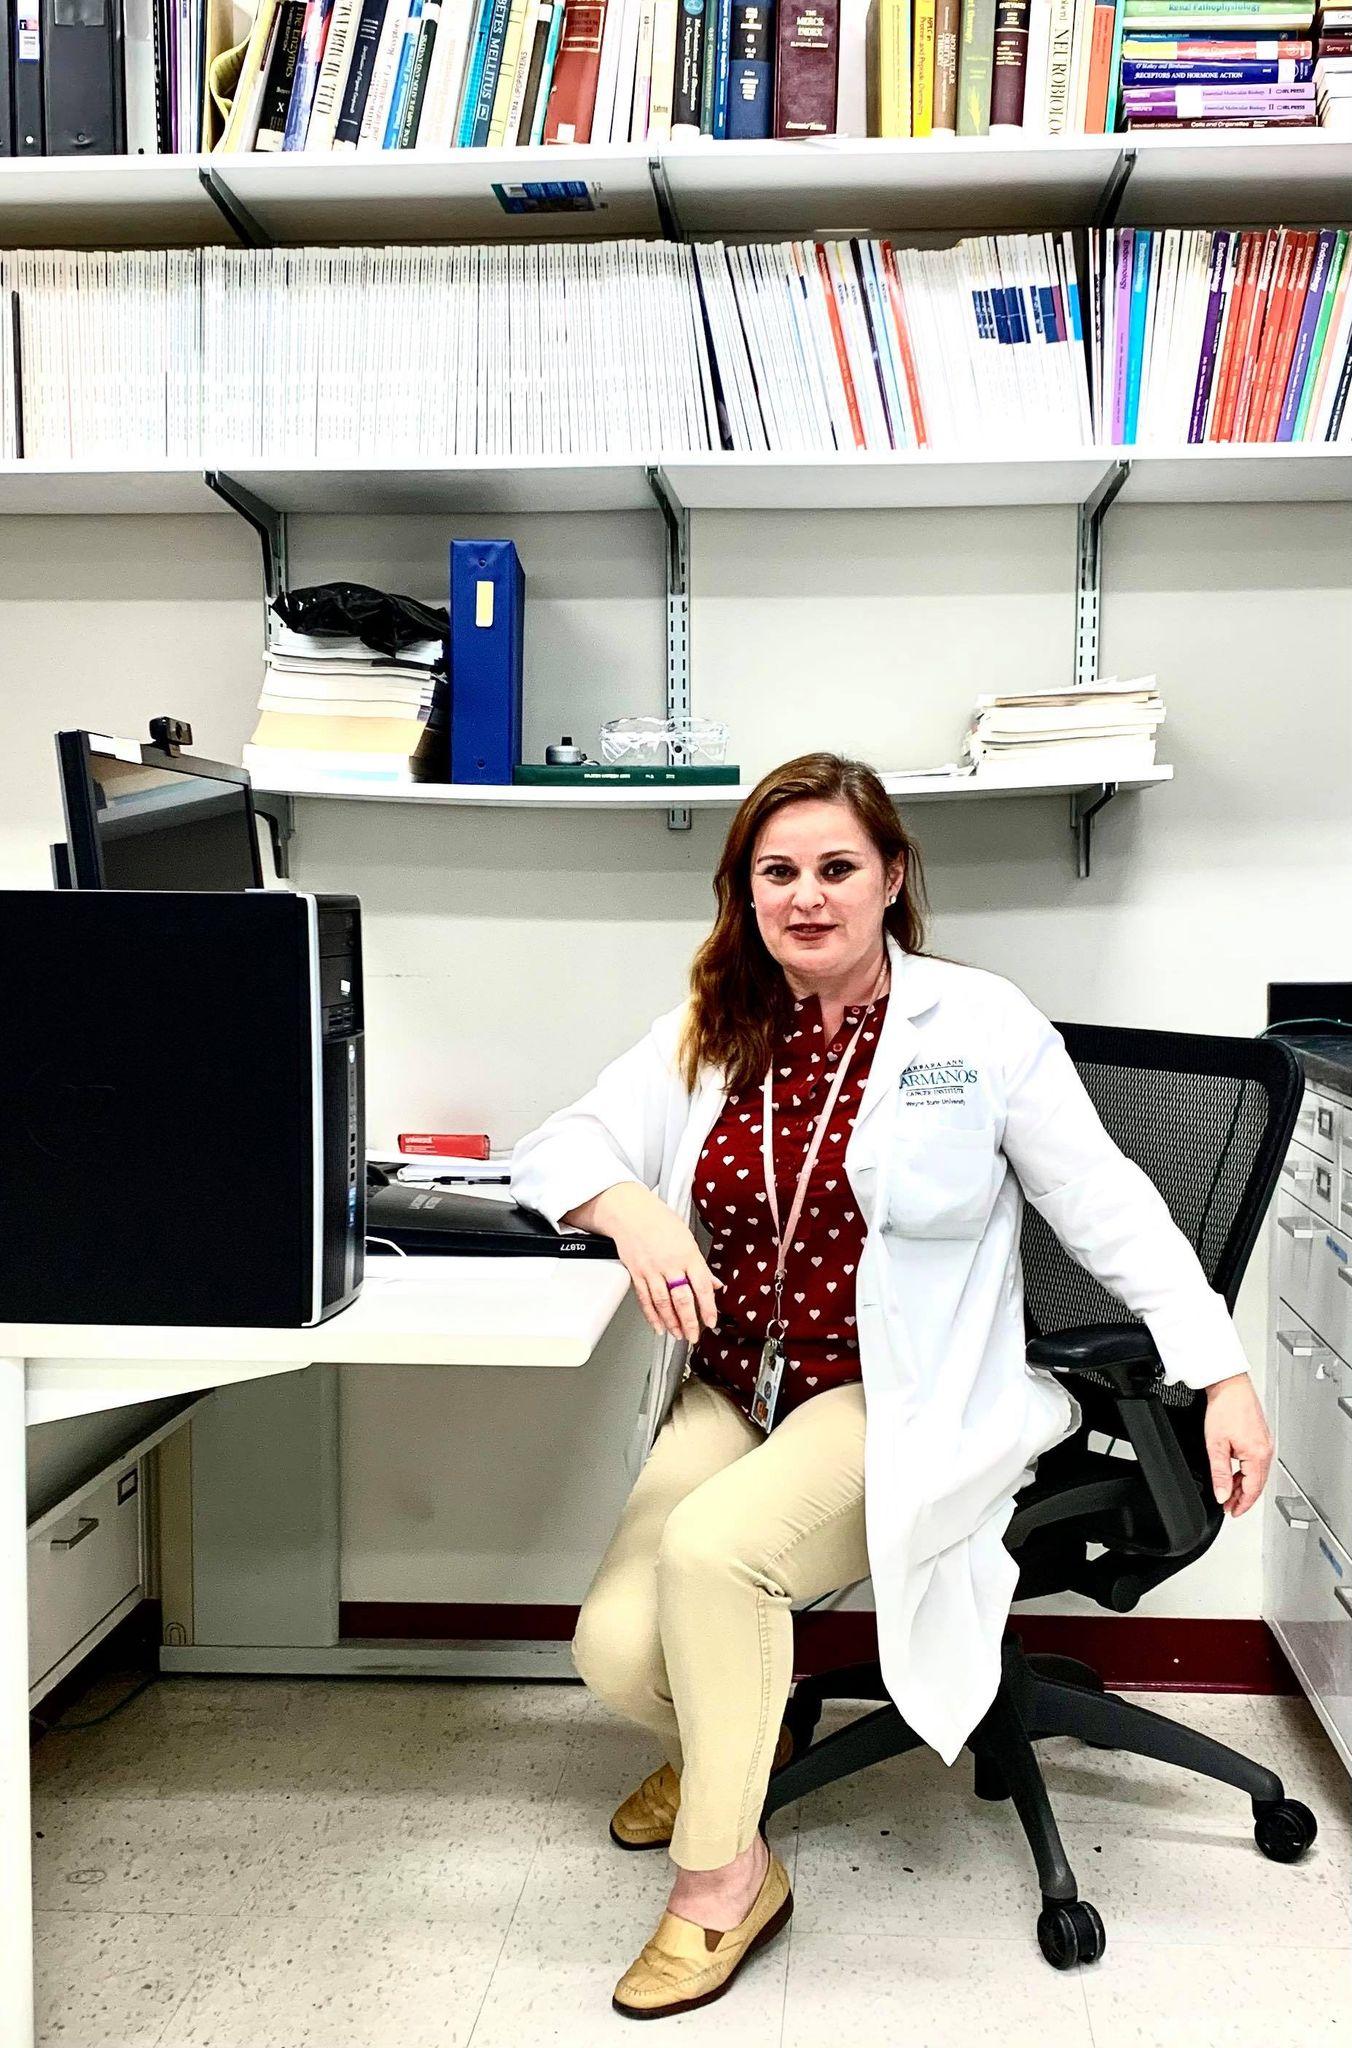 Mirabela Haxhaja Hali kërkuese shkencore në Kanada. Zbulimi i terapisë efektive të Klamidias